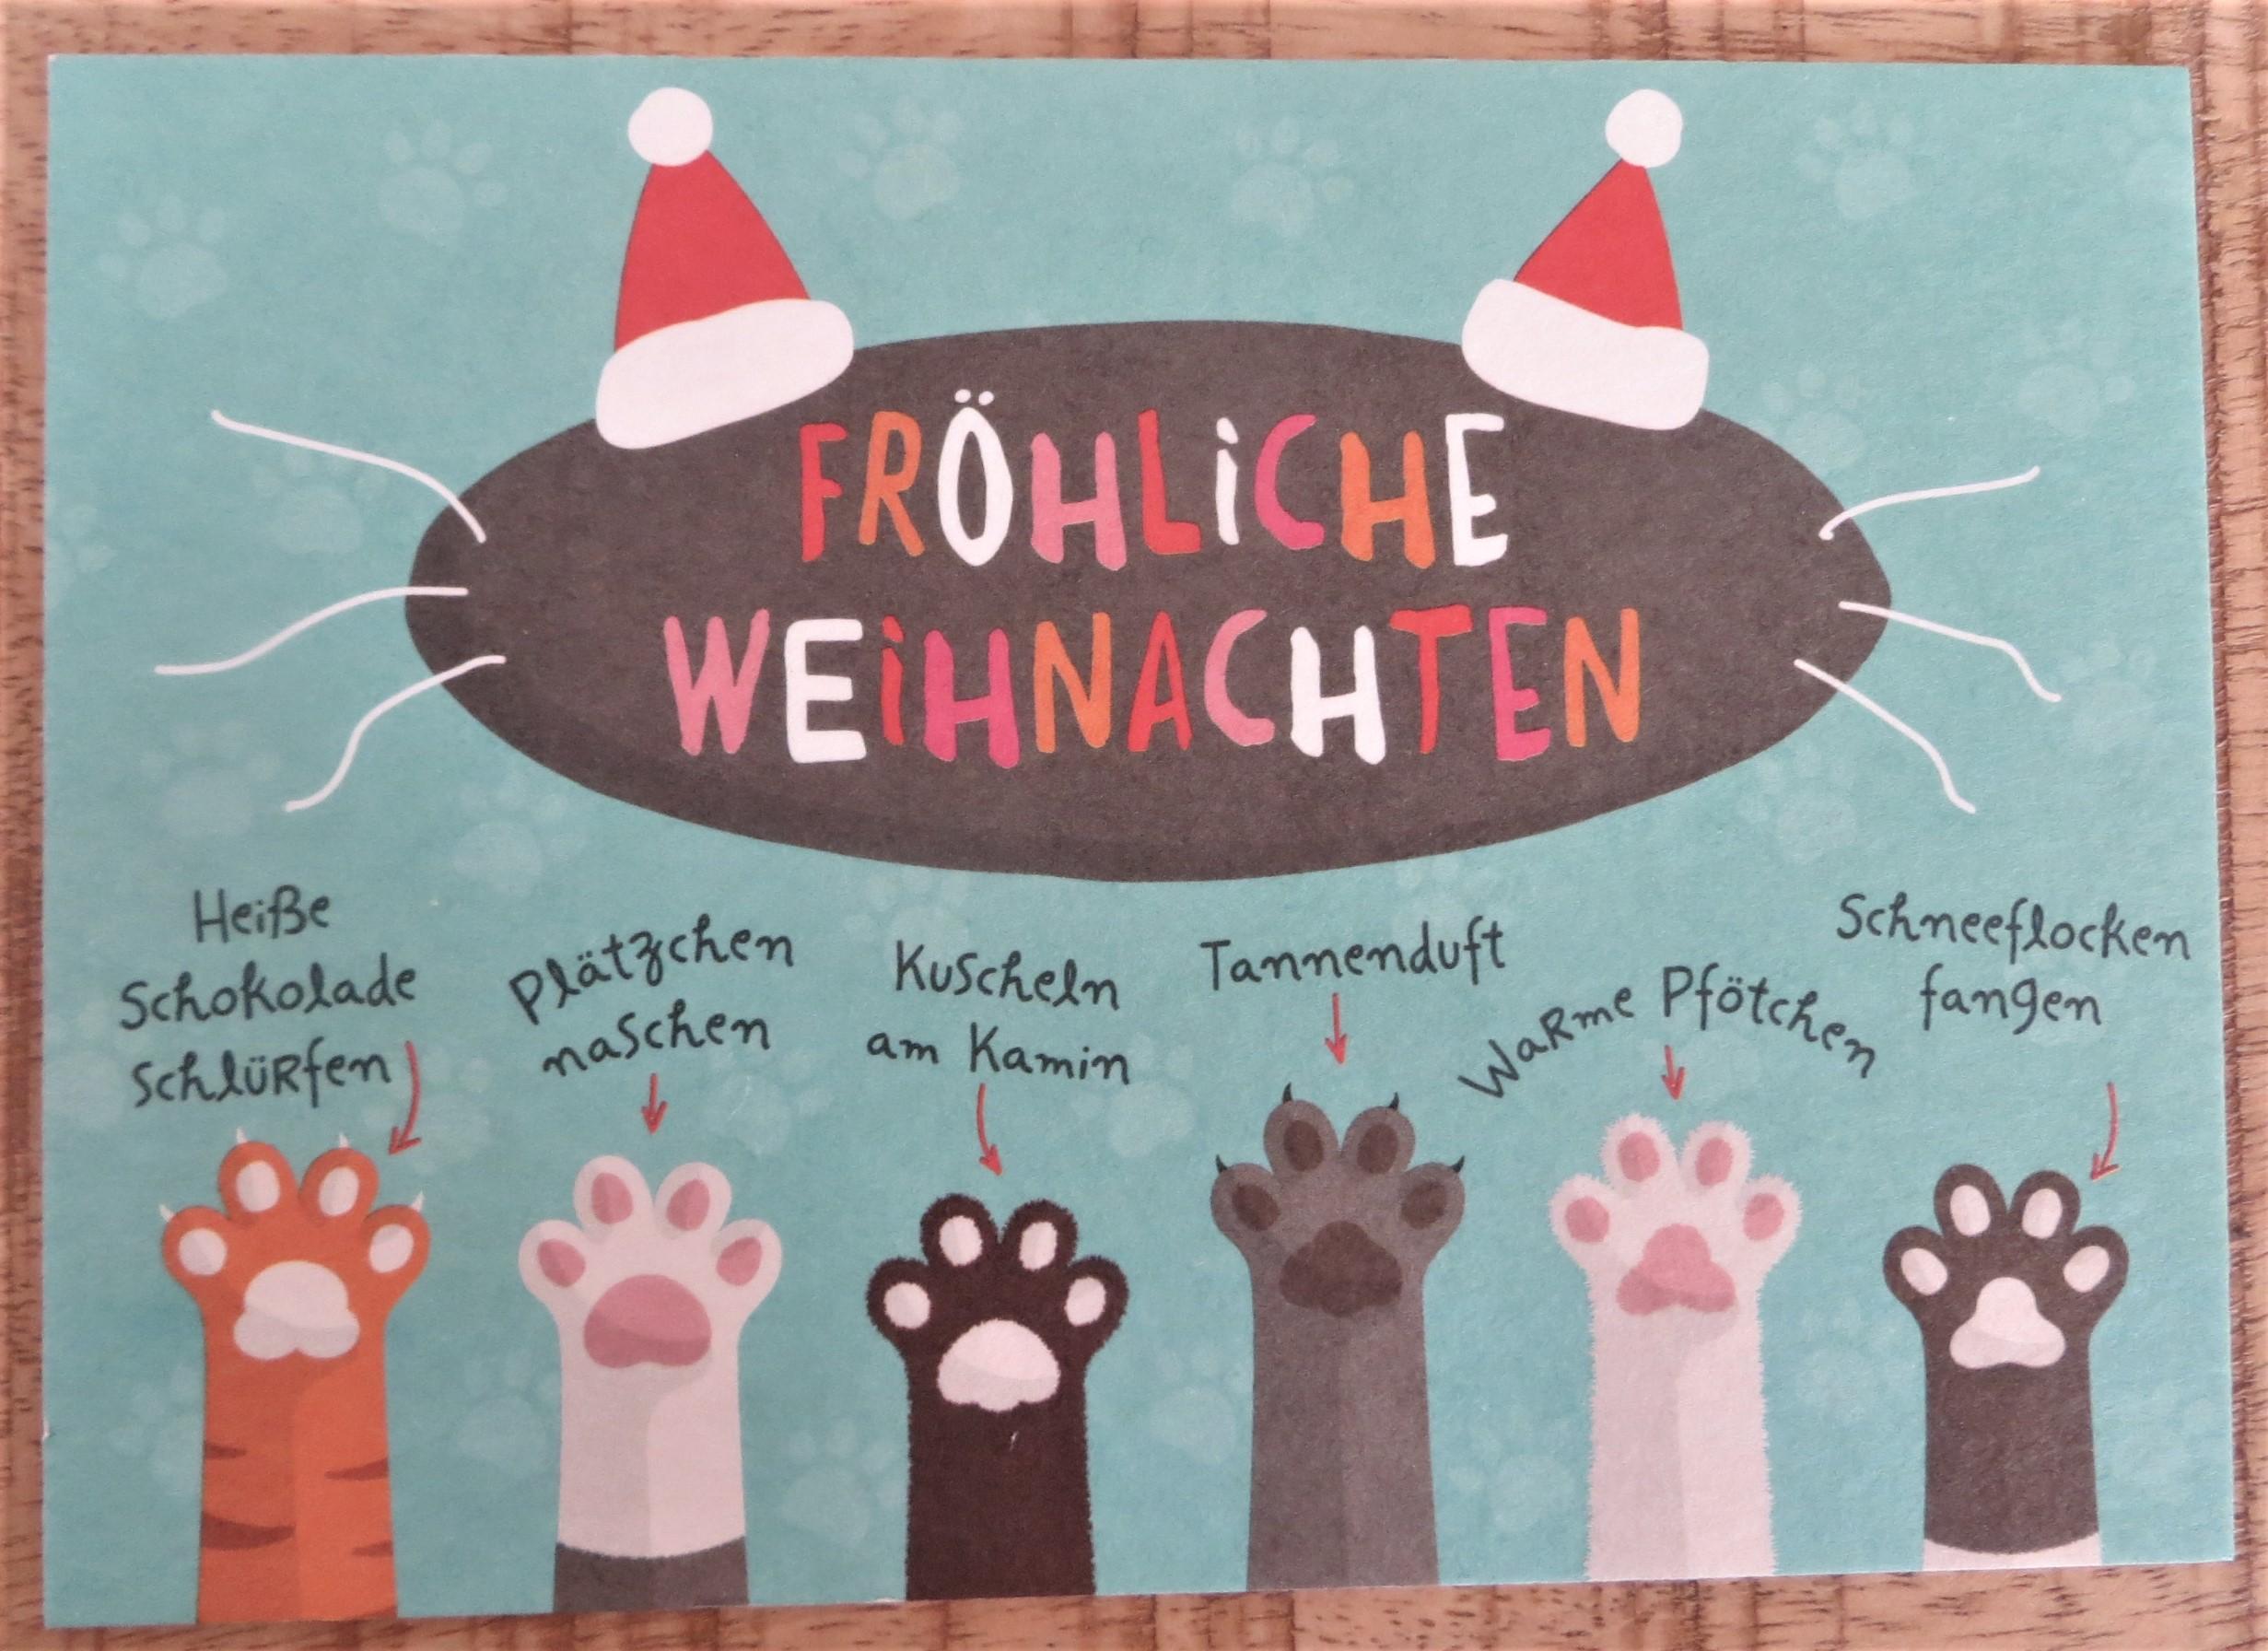 Nützlichgrusskarten - Postkarte Tierpfoten Fröhliche Weihnachten - Onlineshop Tante Emmer